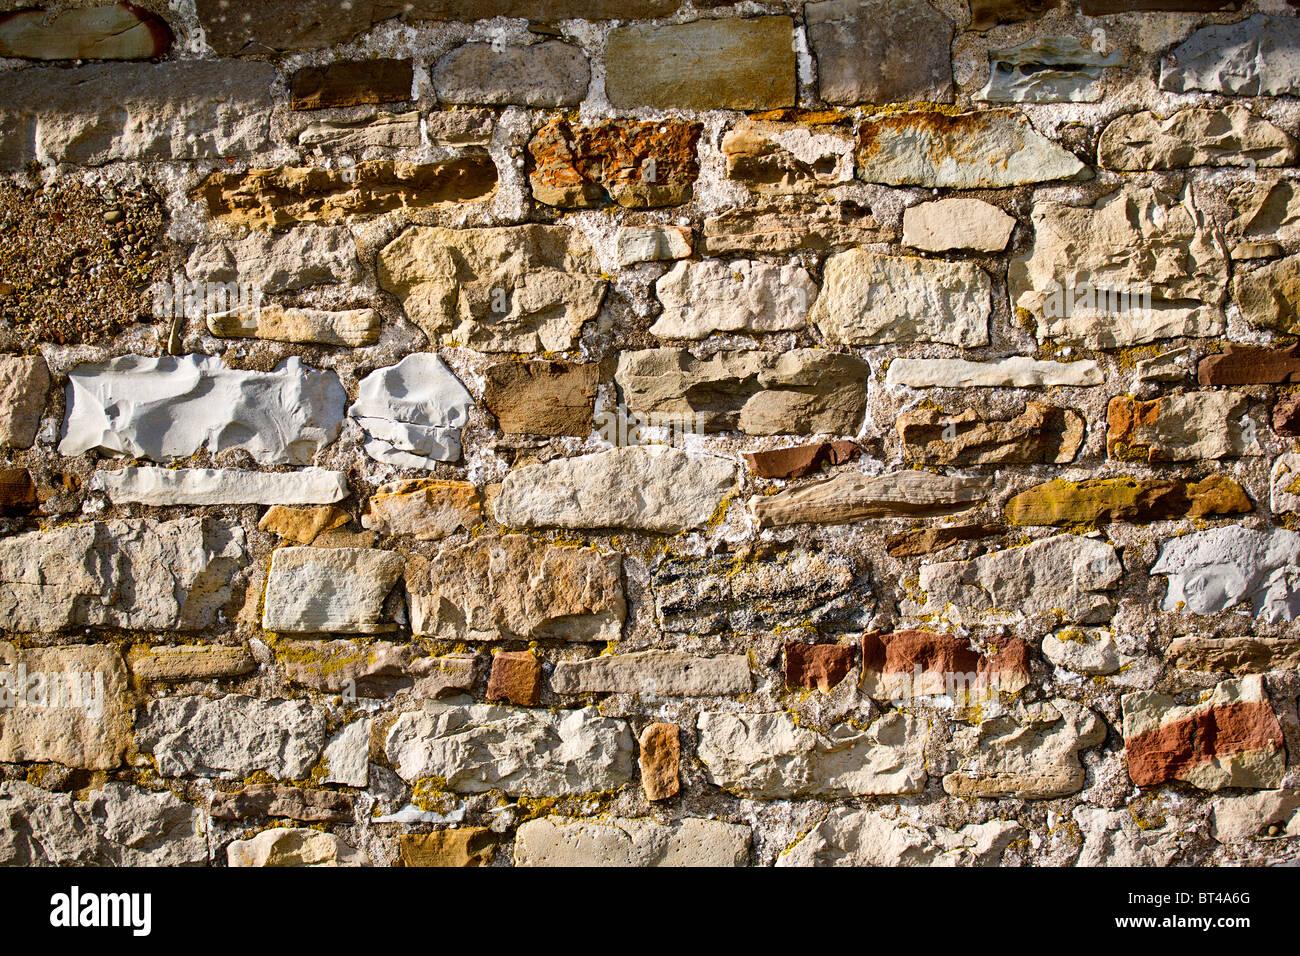 Natural stone wall - Stock Image